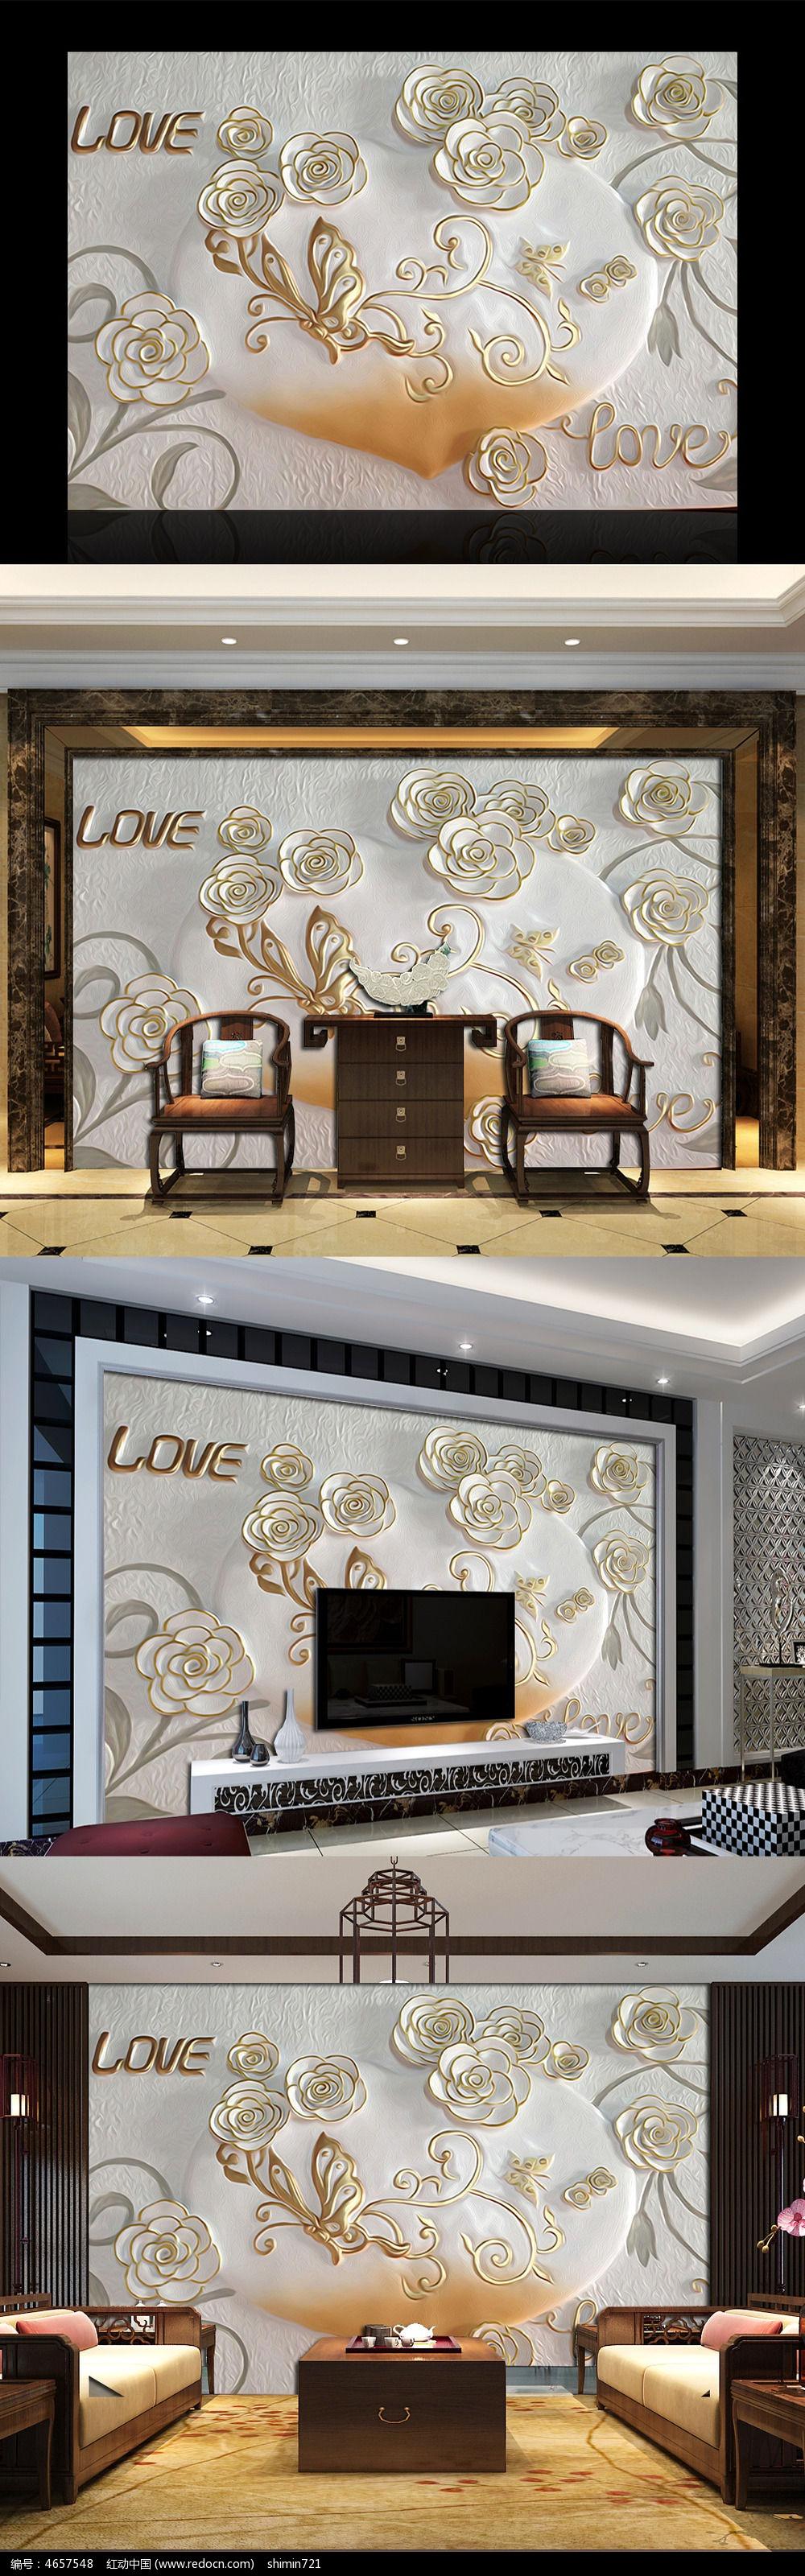 欧式花纹浮雕电视背景墙